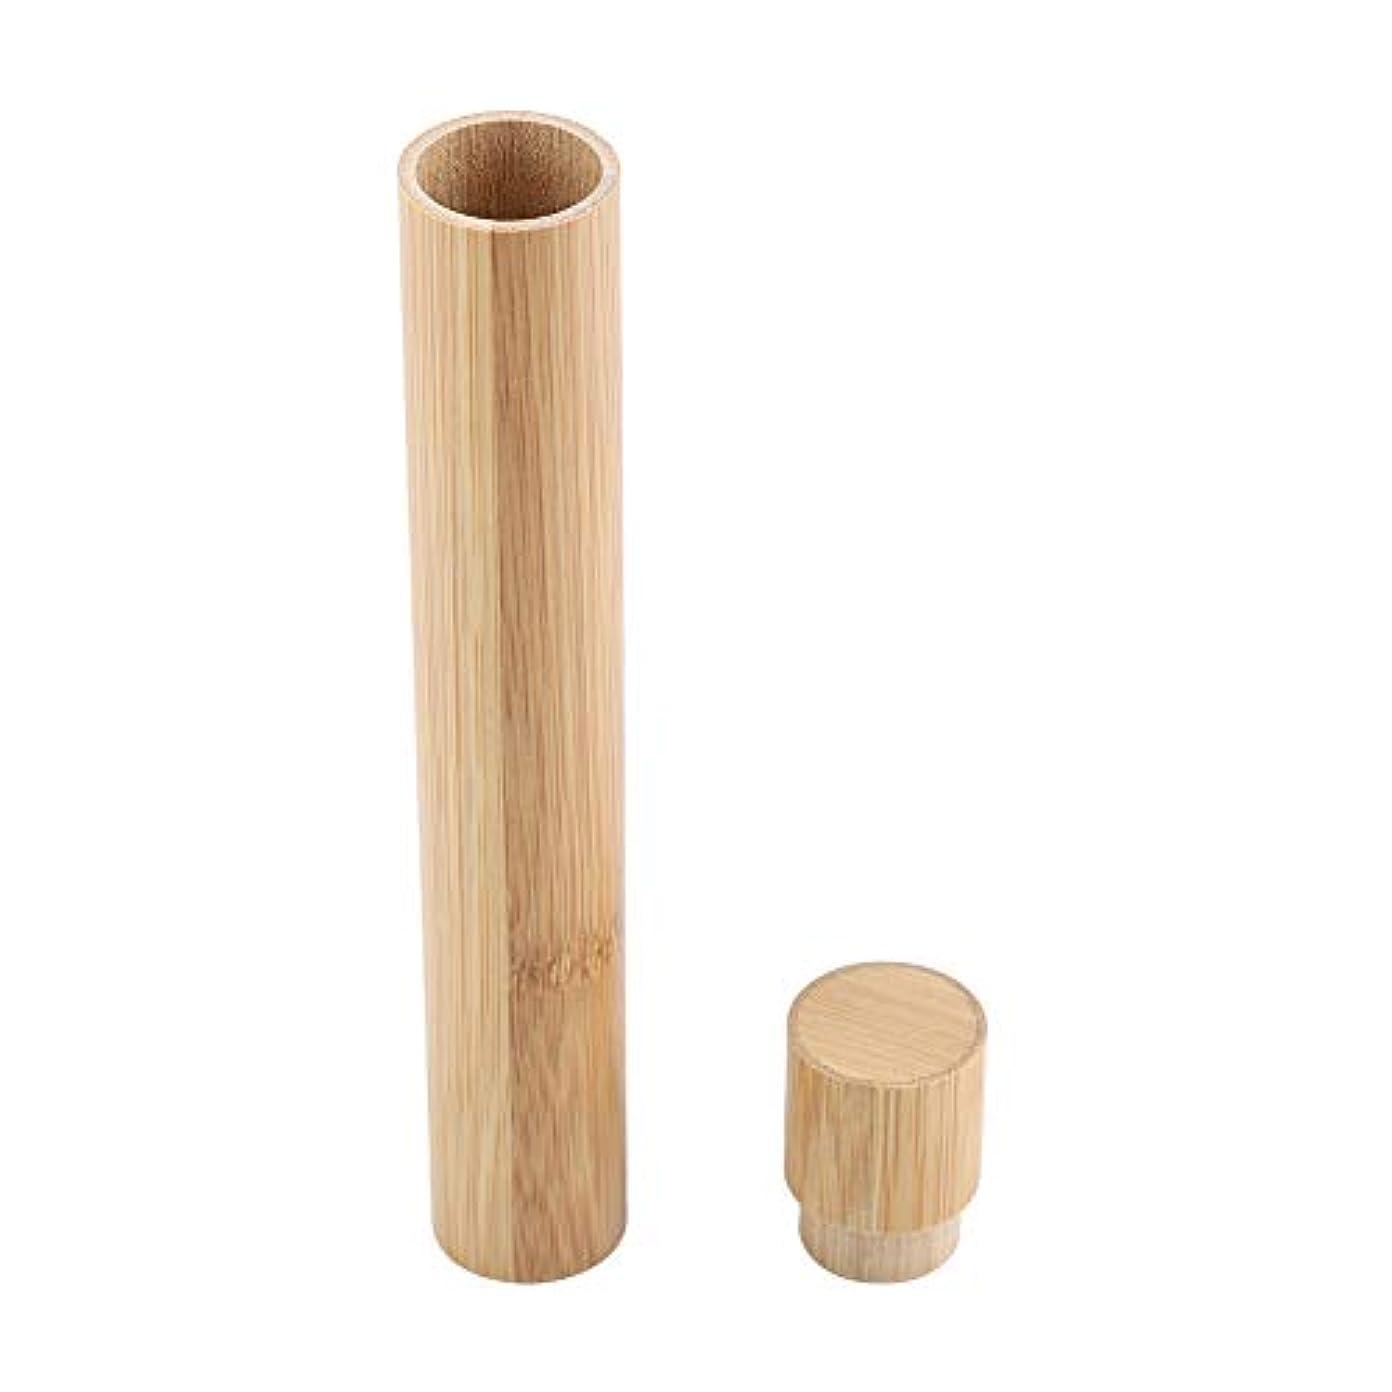 菊休戦中に歯ブラシケース ブラシホルダー ブラシ収納 ポータブル エコフレンドリー 木製 竹 トラベル用 プロテクト 収納ケース ブラシ保護